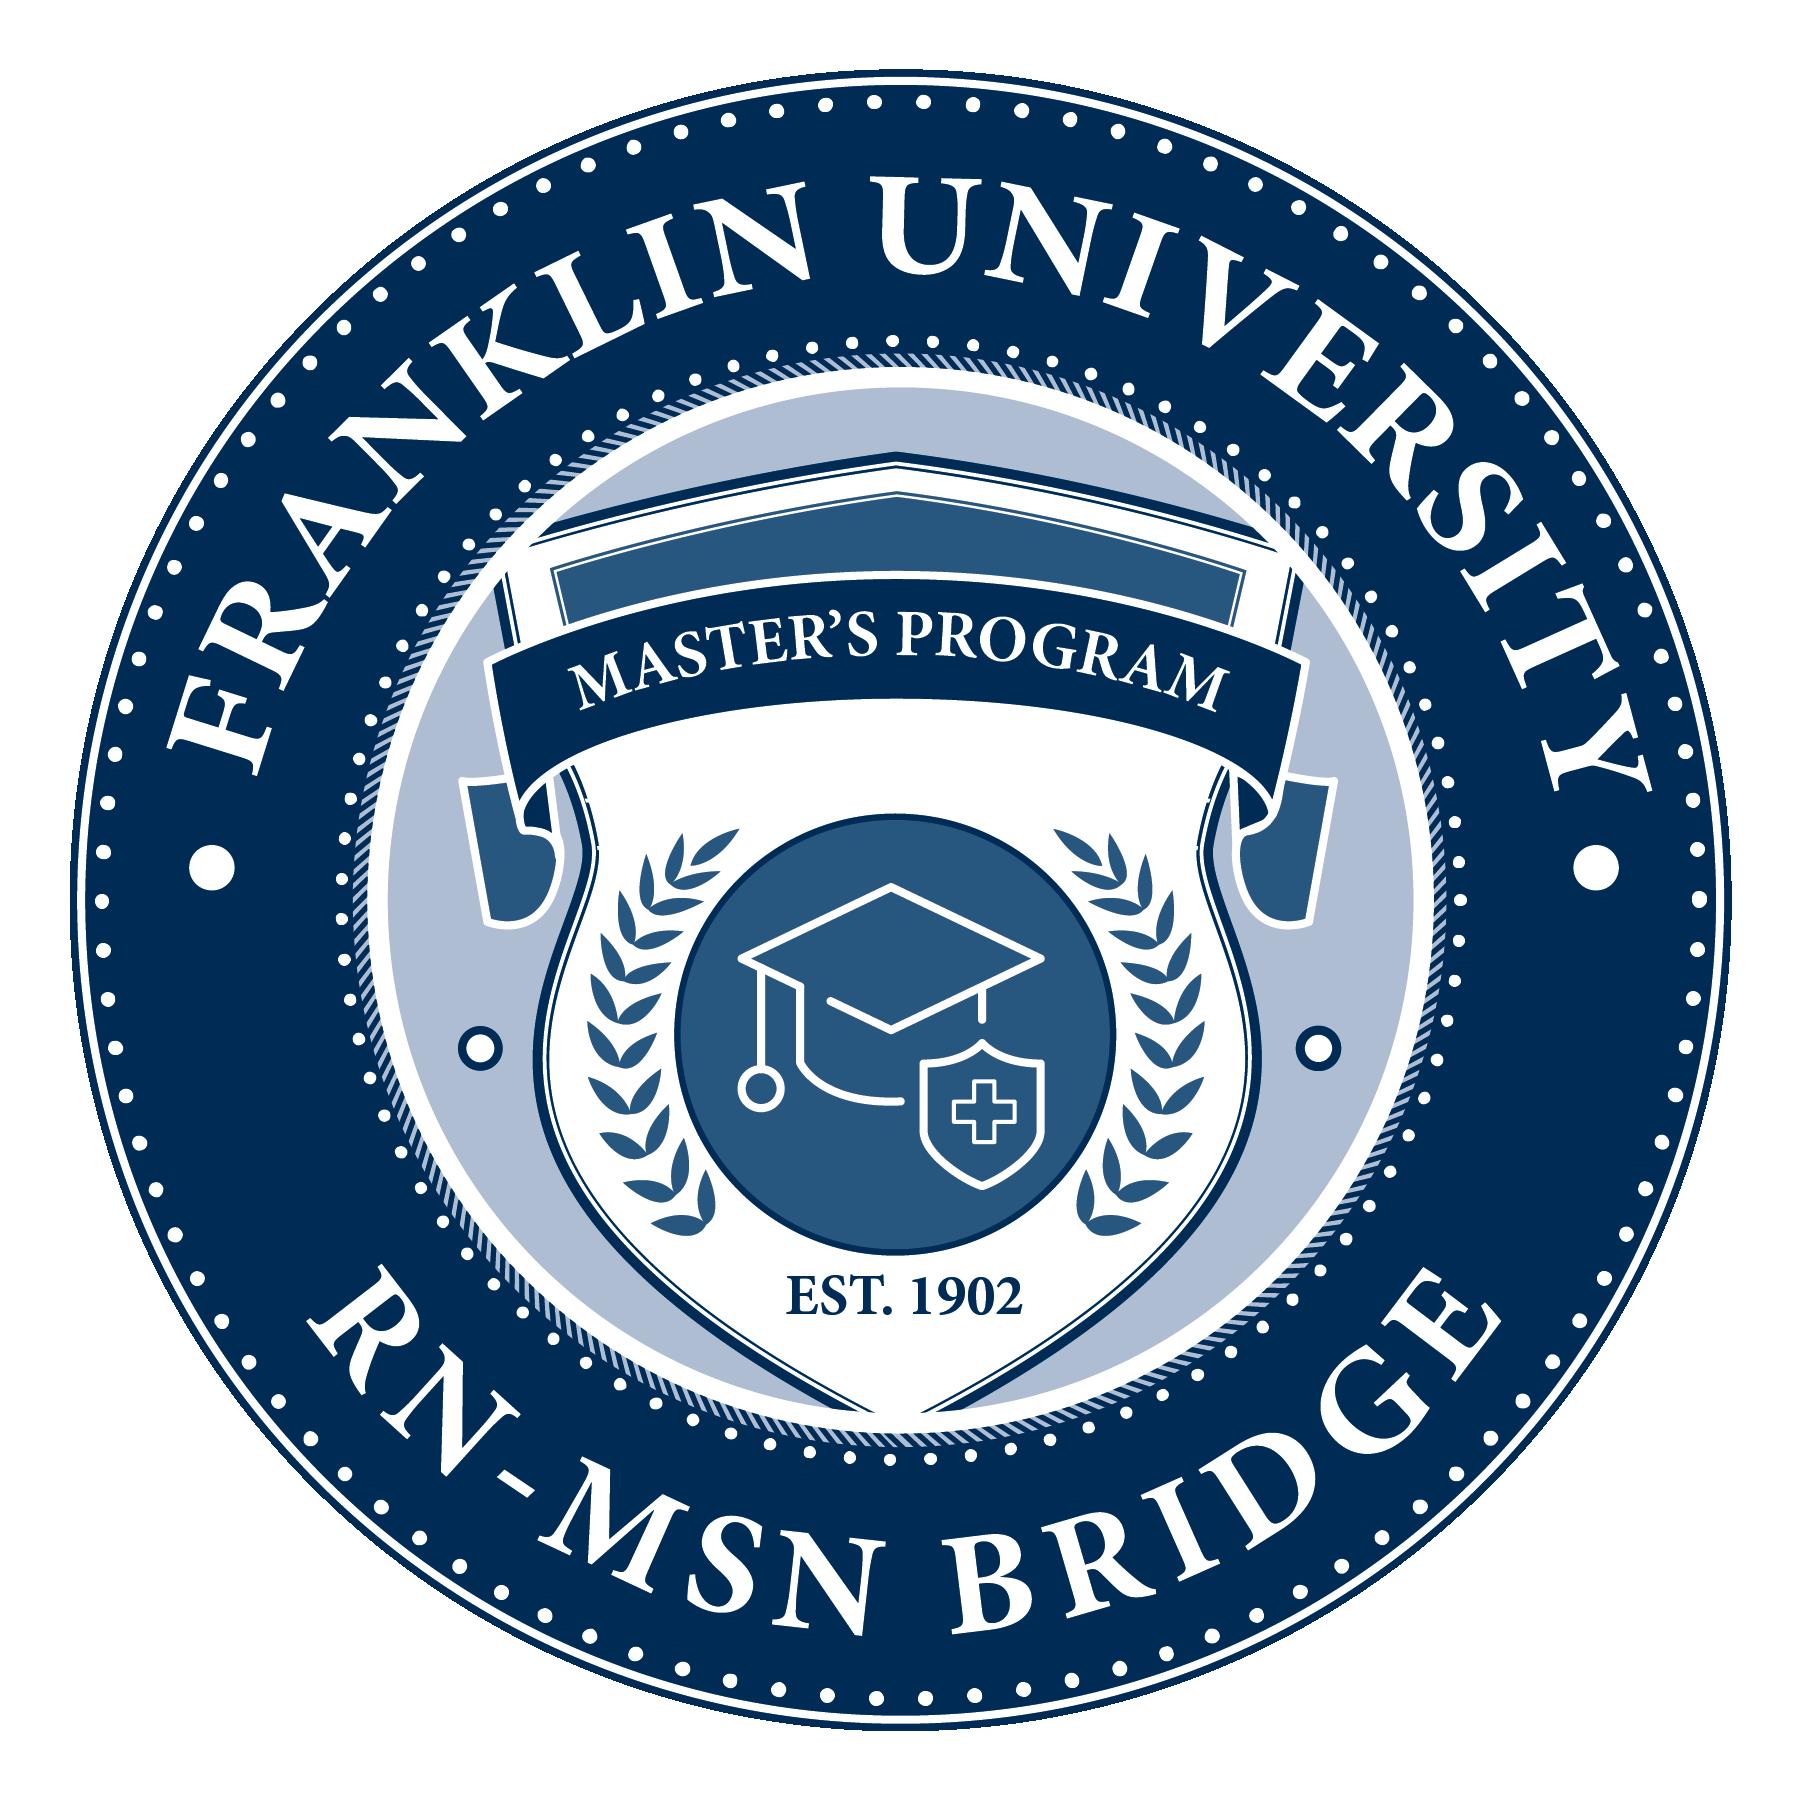 RN-MSN Bridge